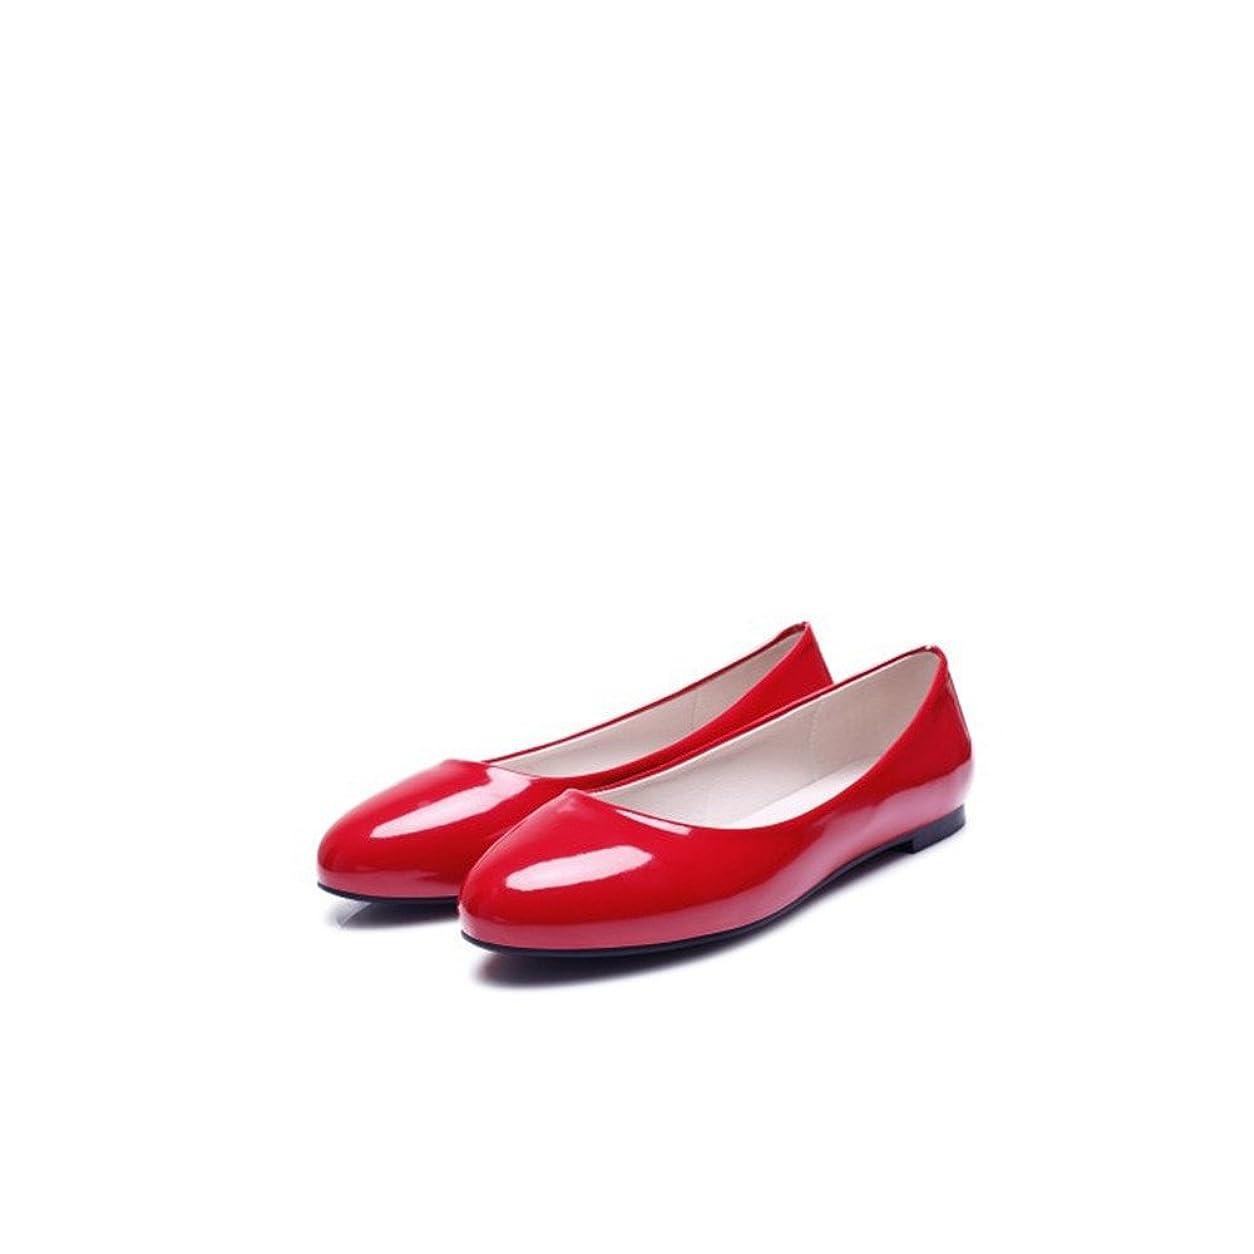 女優幽霊広々CVICVJAPAN シンプルフラットパンプス大きなサイズ浅口ラウンド靴 (27, レッド)